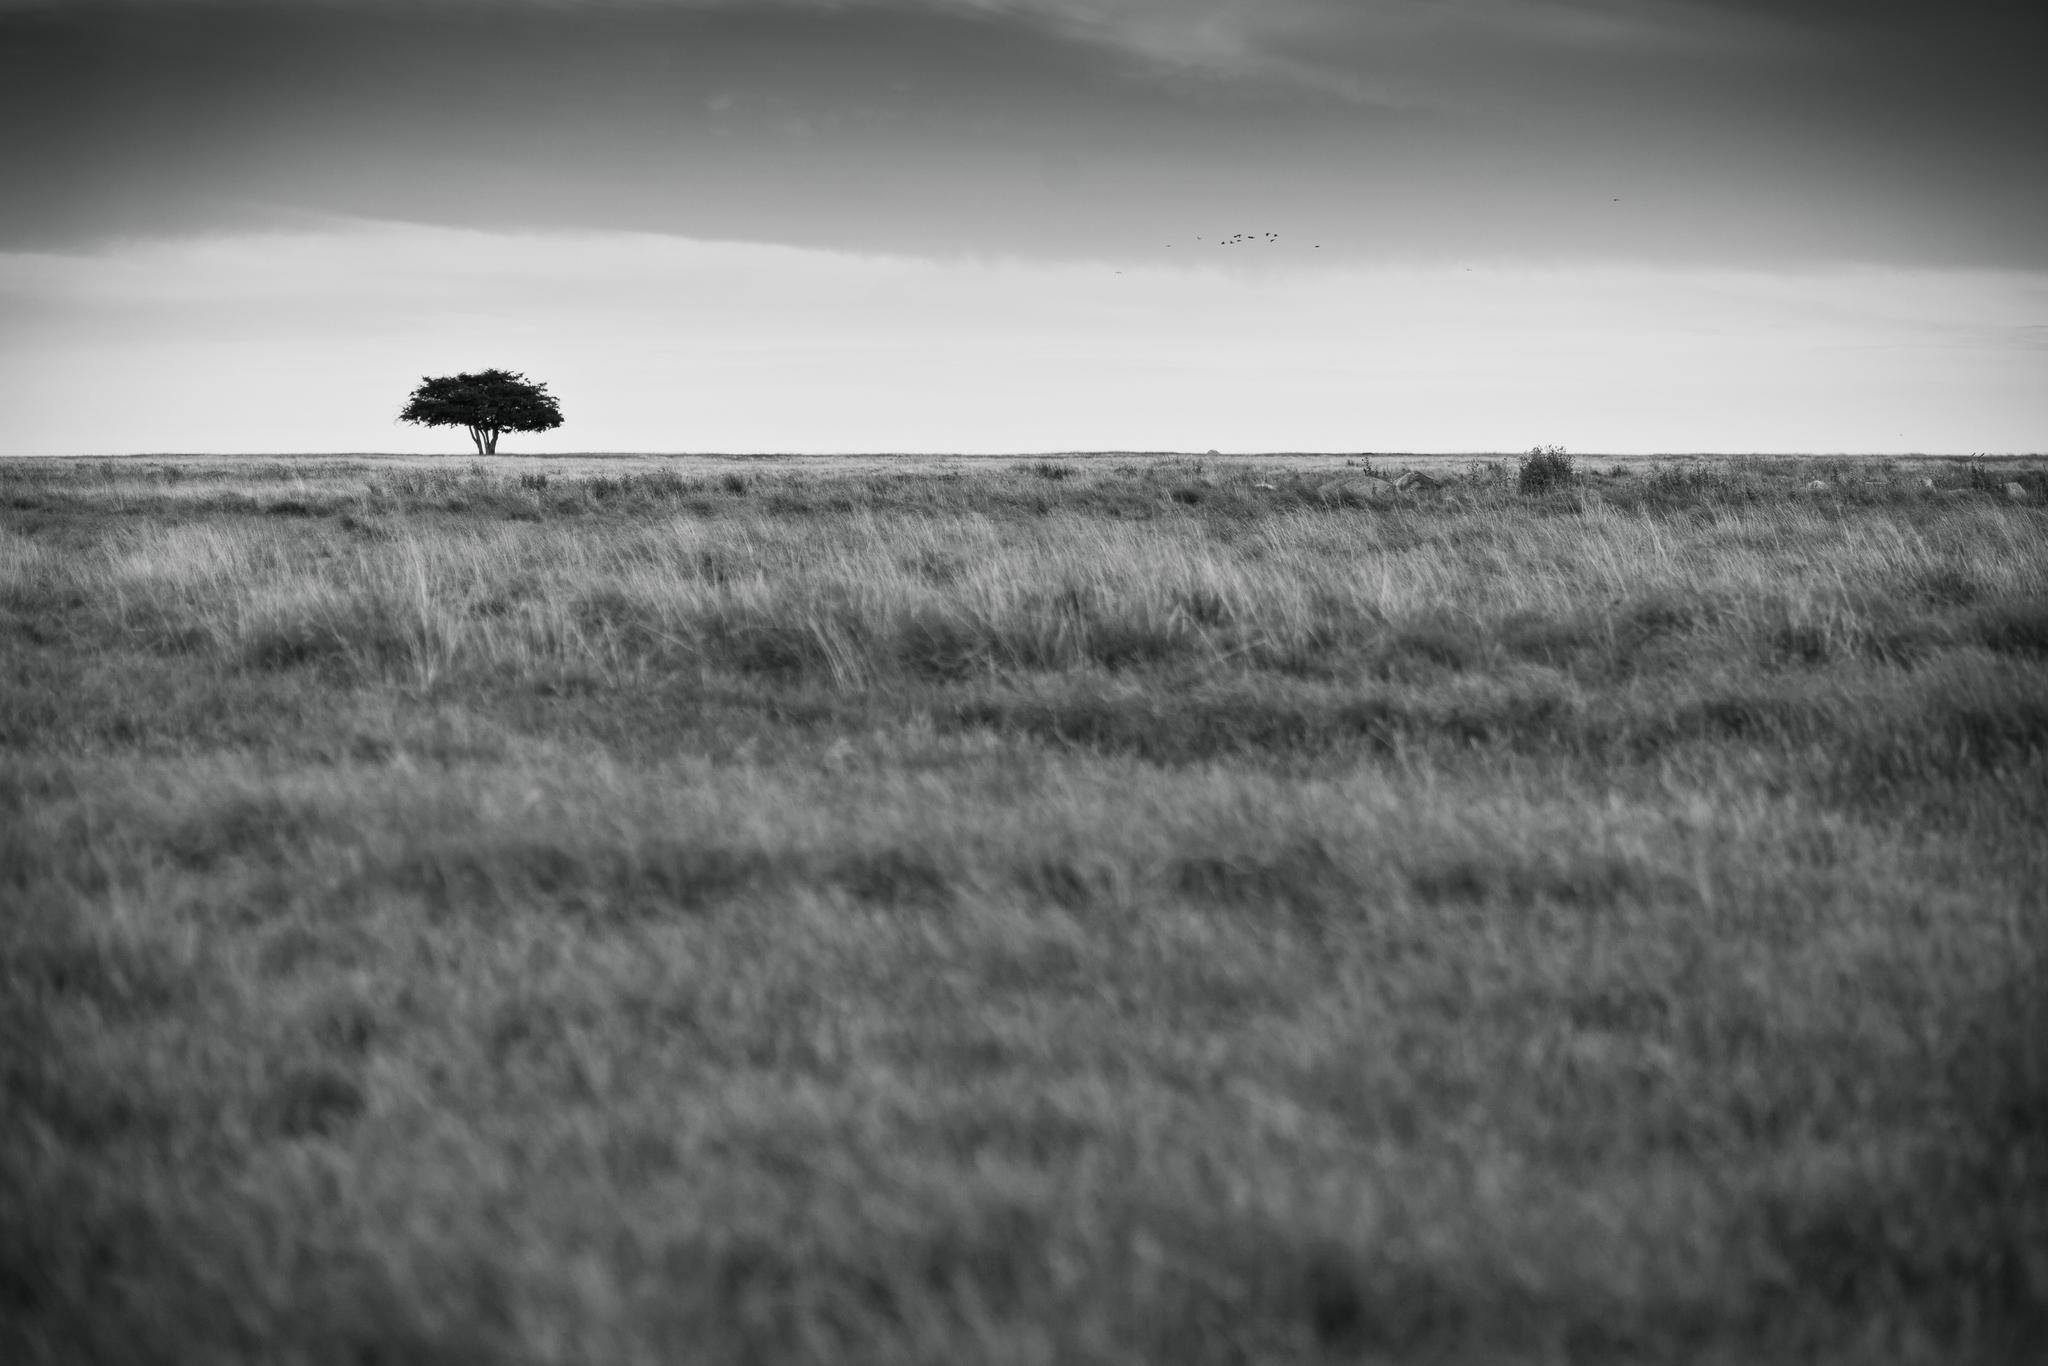 признал равнины картинки черно-белые выбрали